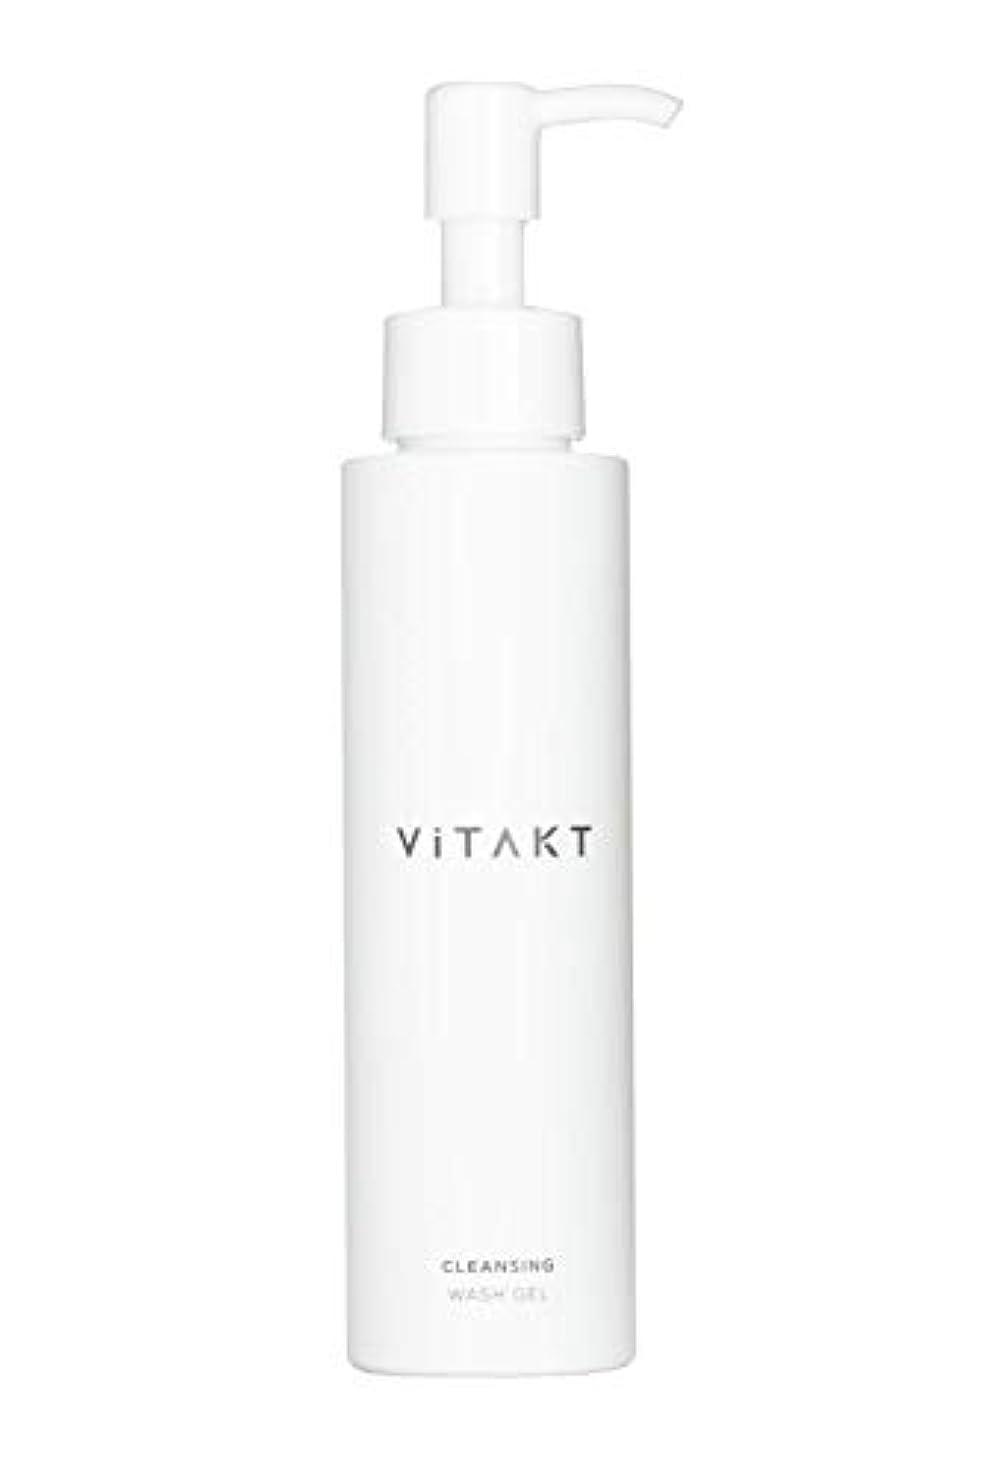 霧事業内容独特のViTAKT (ヴィタクト) クレンジングウォッシュジェル [ 洗顔 + メイク落とし / 120ml ] 毛穴 毛穴対策 無添加 (マツエク対応)